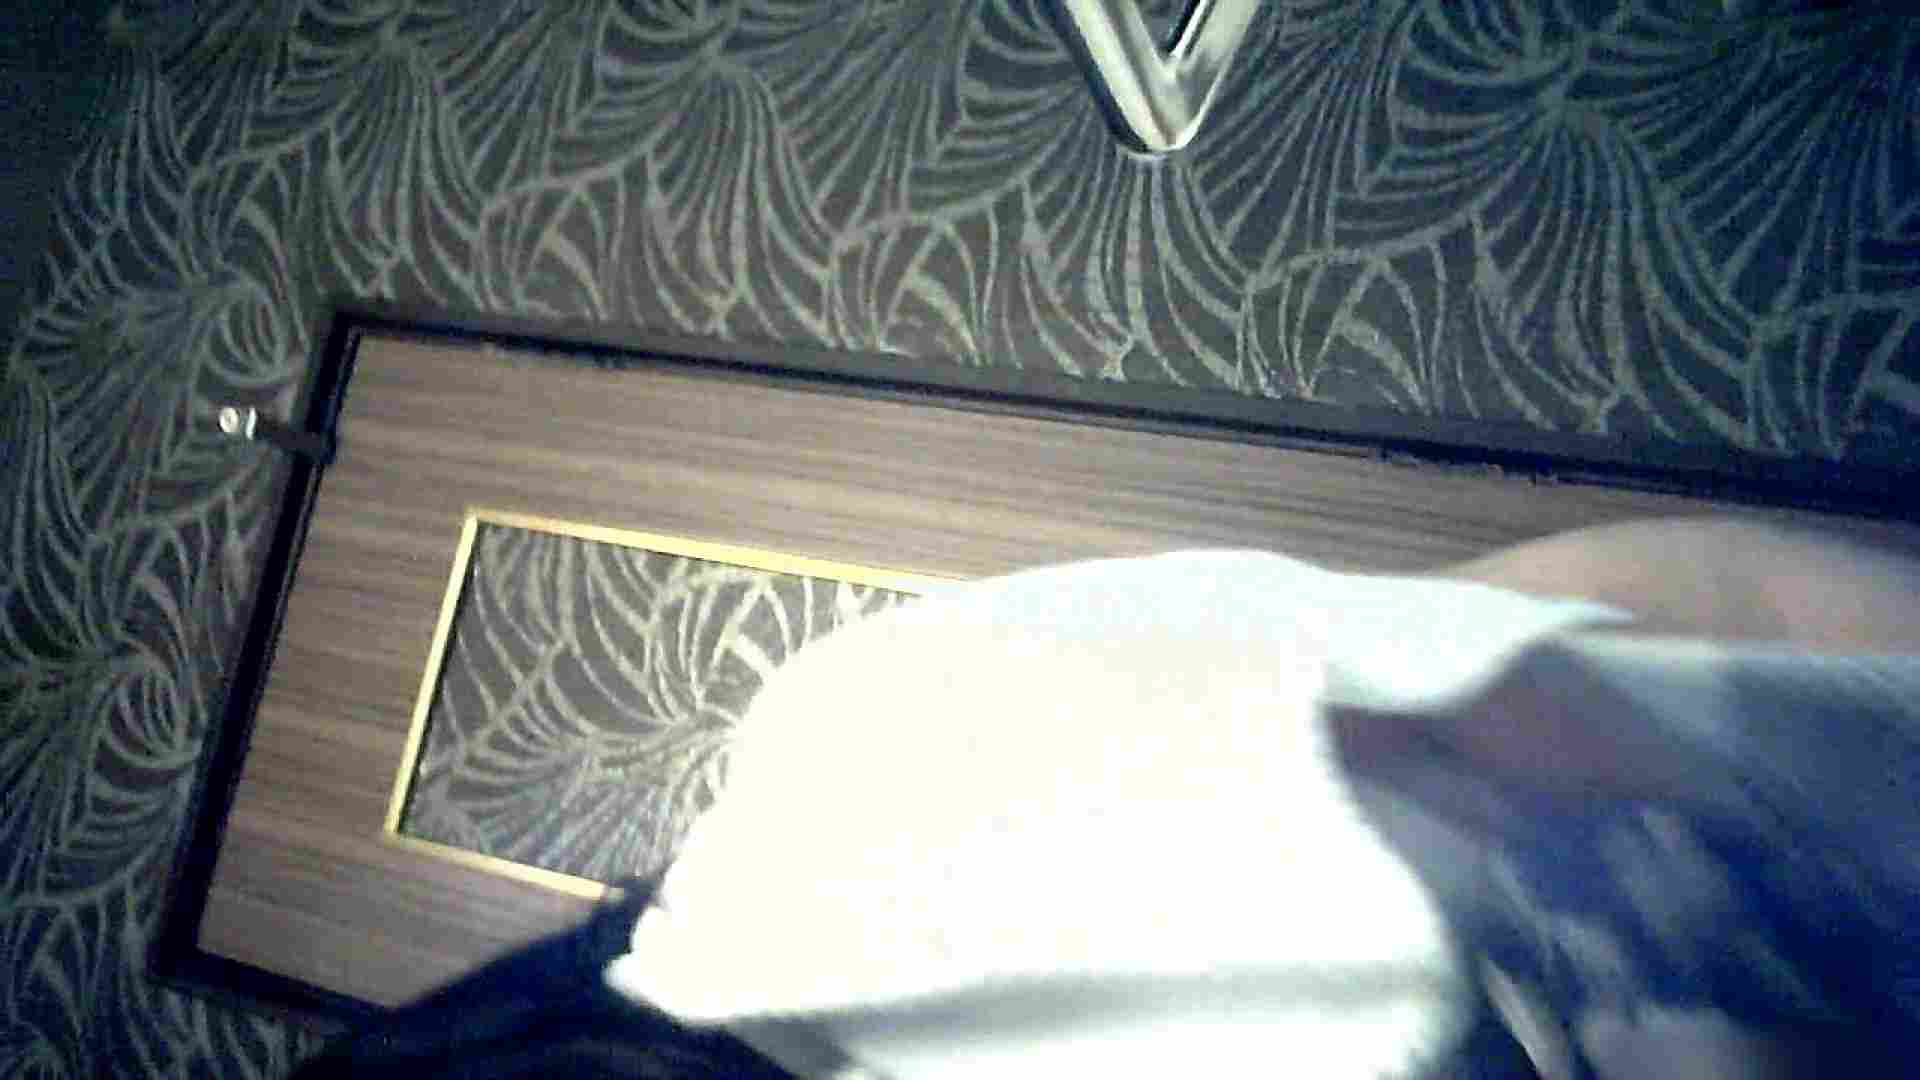 ▲2017_05位▲ 学園アイドル美人女子大生!❶4人厳選詰合せVol.49 ラブホテル  109PIX 62